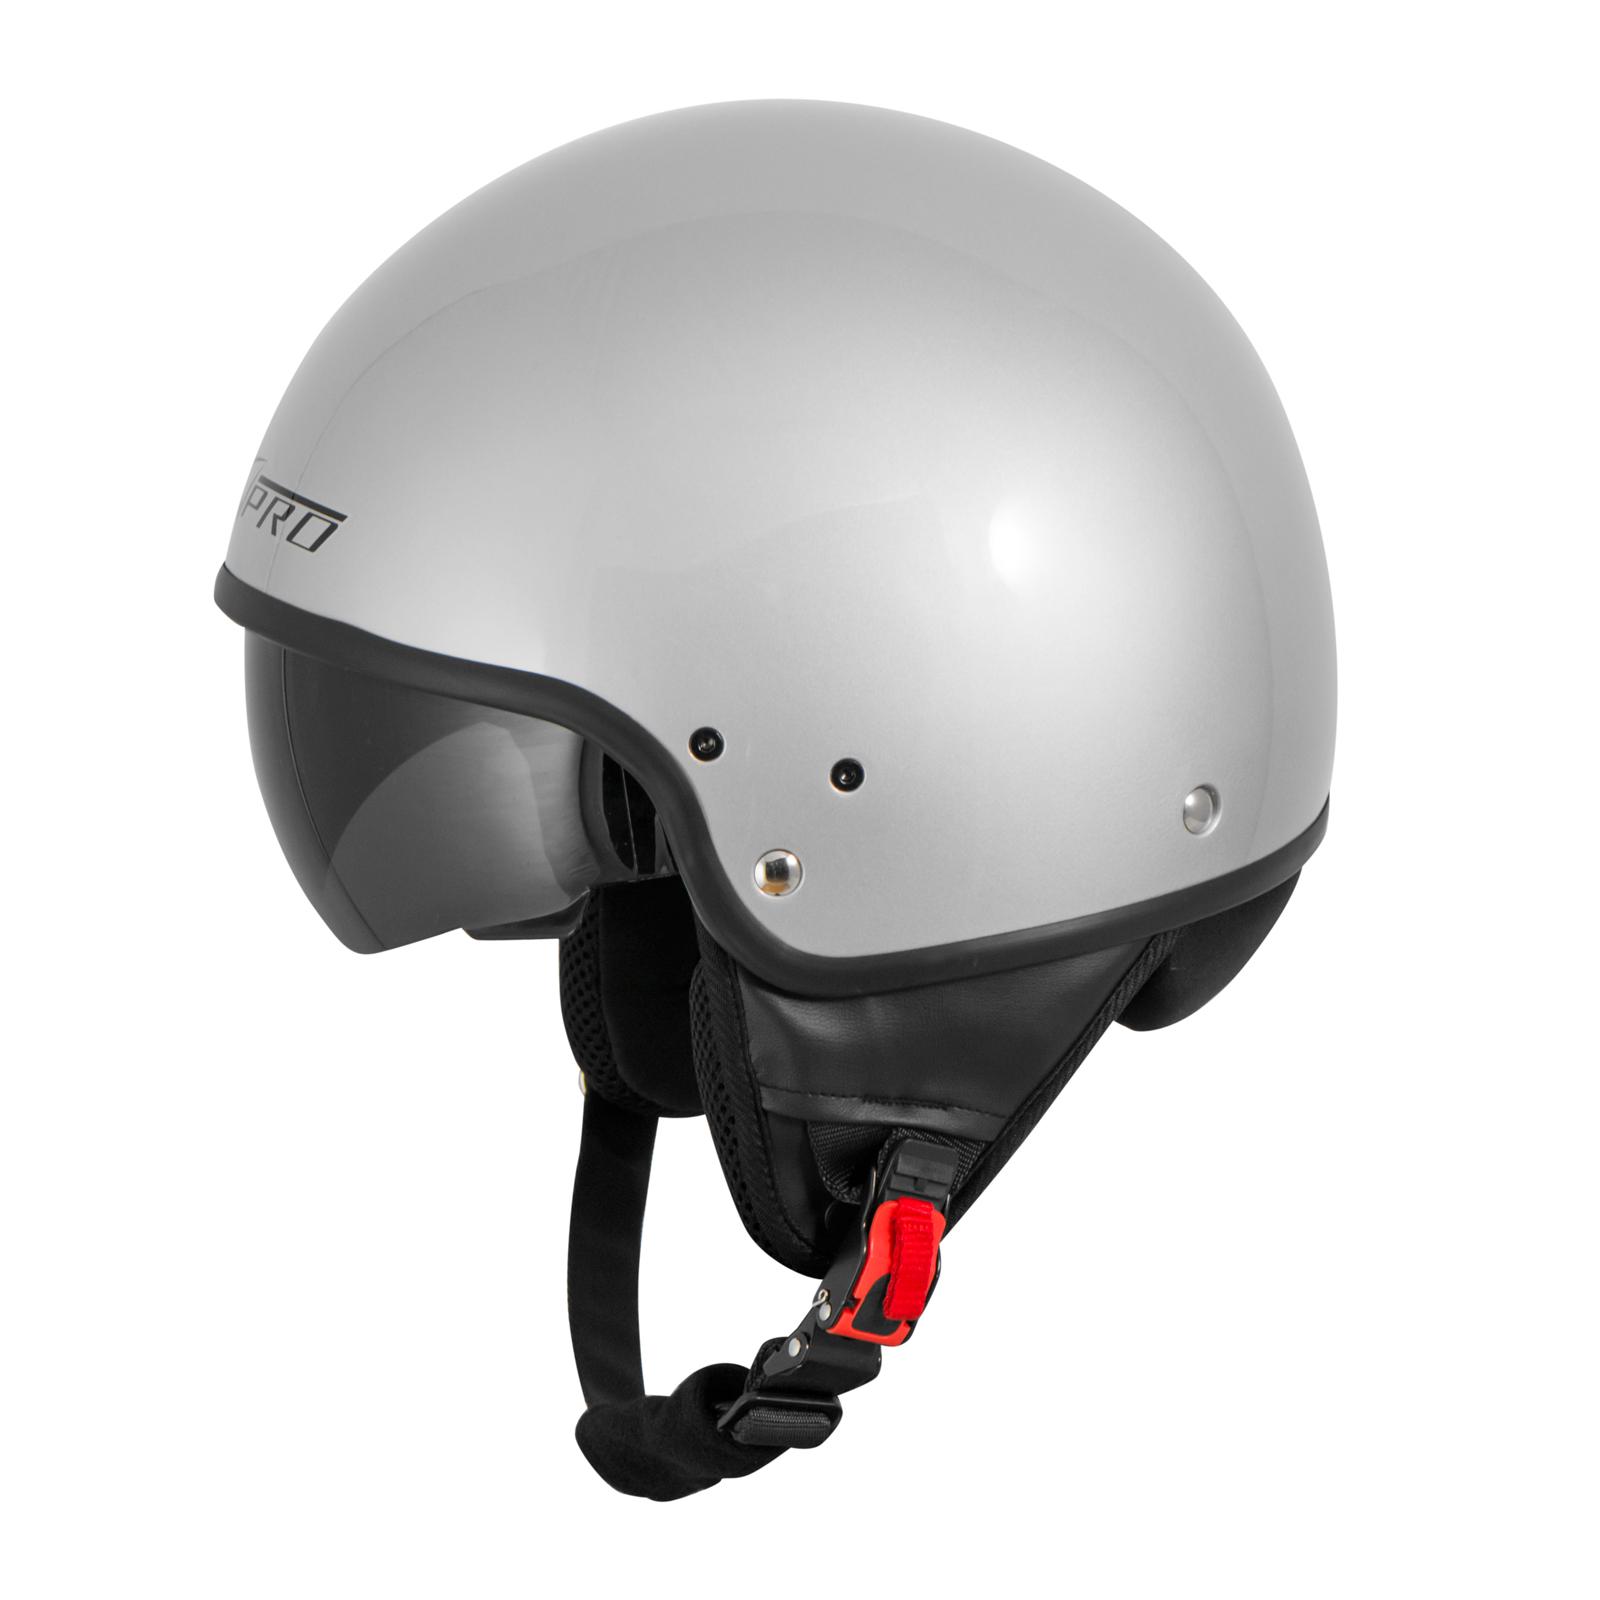 Casque-Moto-Scooter-Vespa-Jet-Visiere-pare-soleil-ECE-22-Blanc-SonicMoto miniature 19